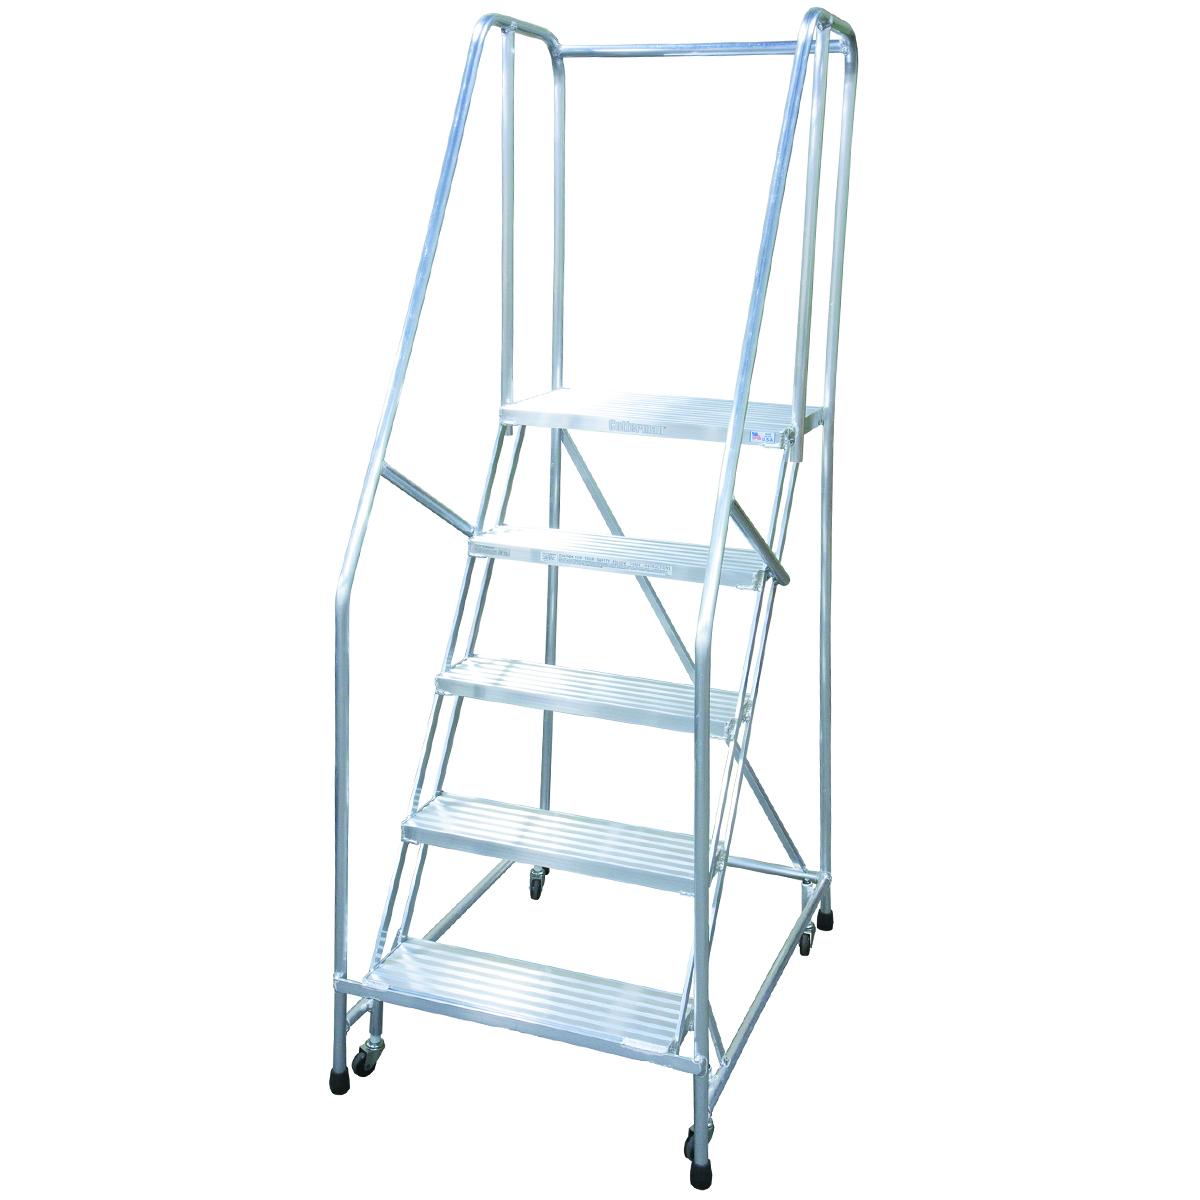 Series A Welded Aluminum Ladder